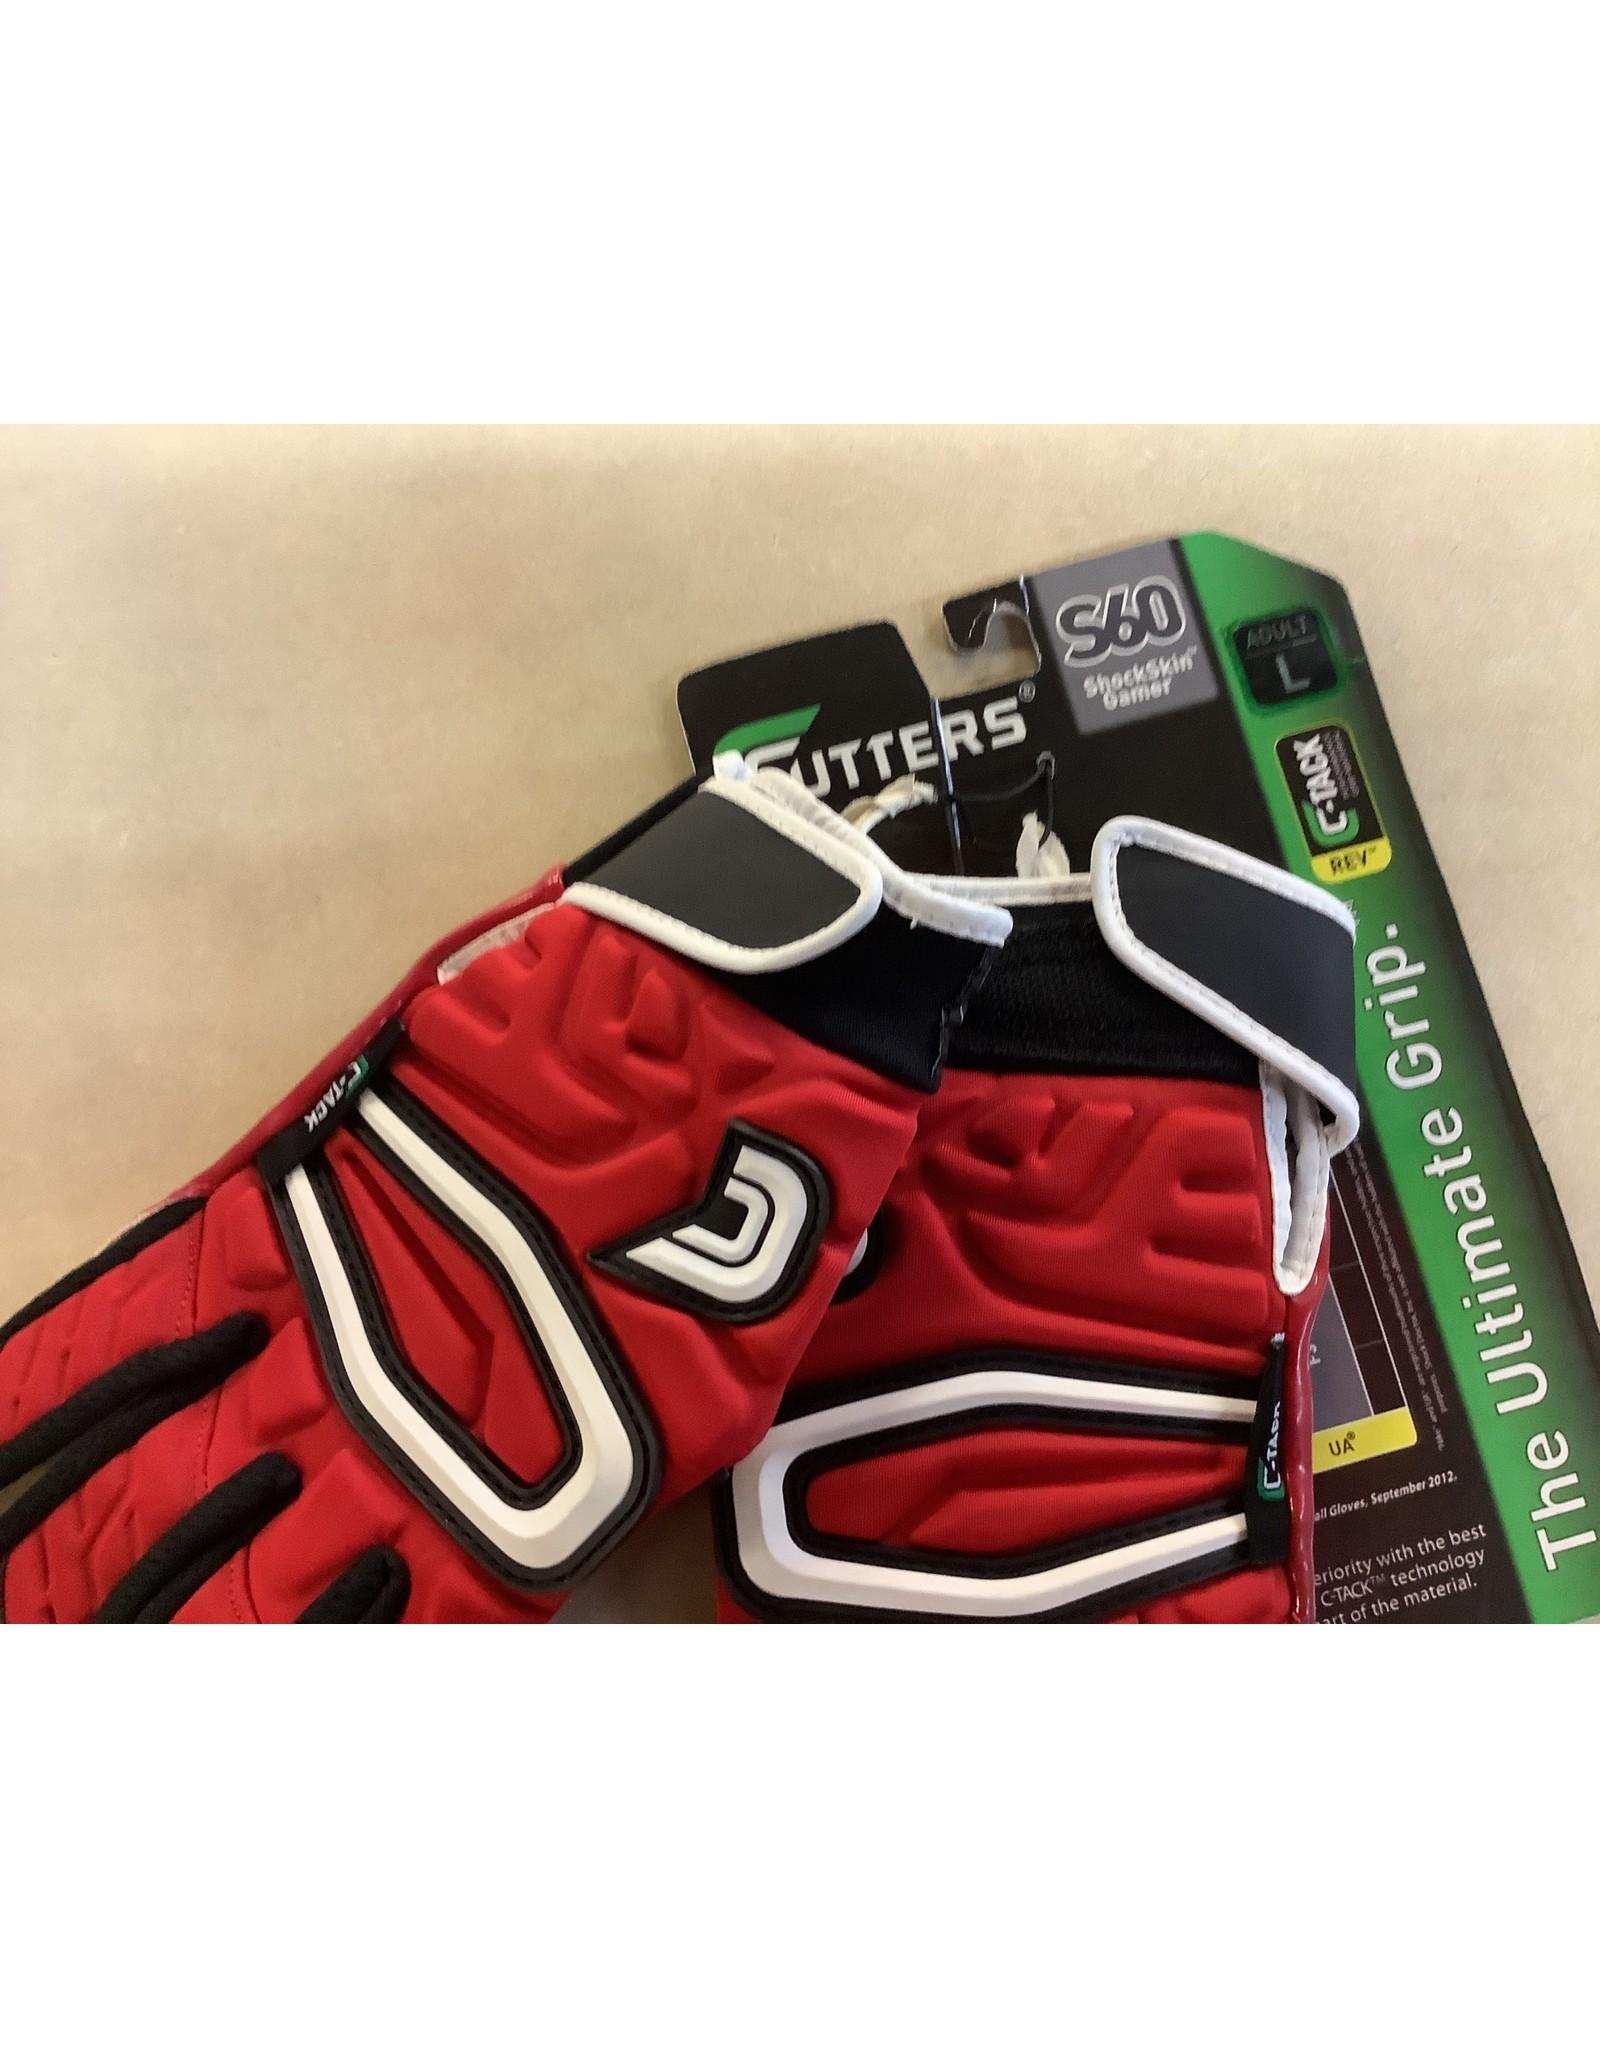 Cutter Cutters S60 Football Gloves